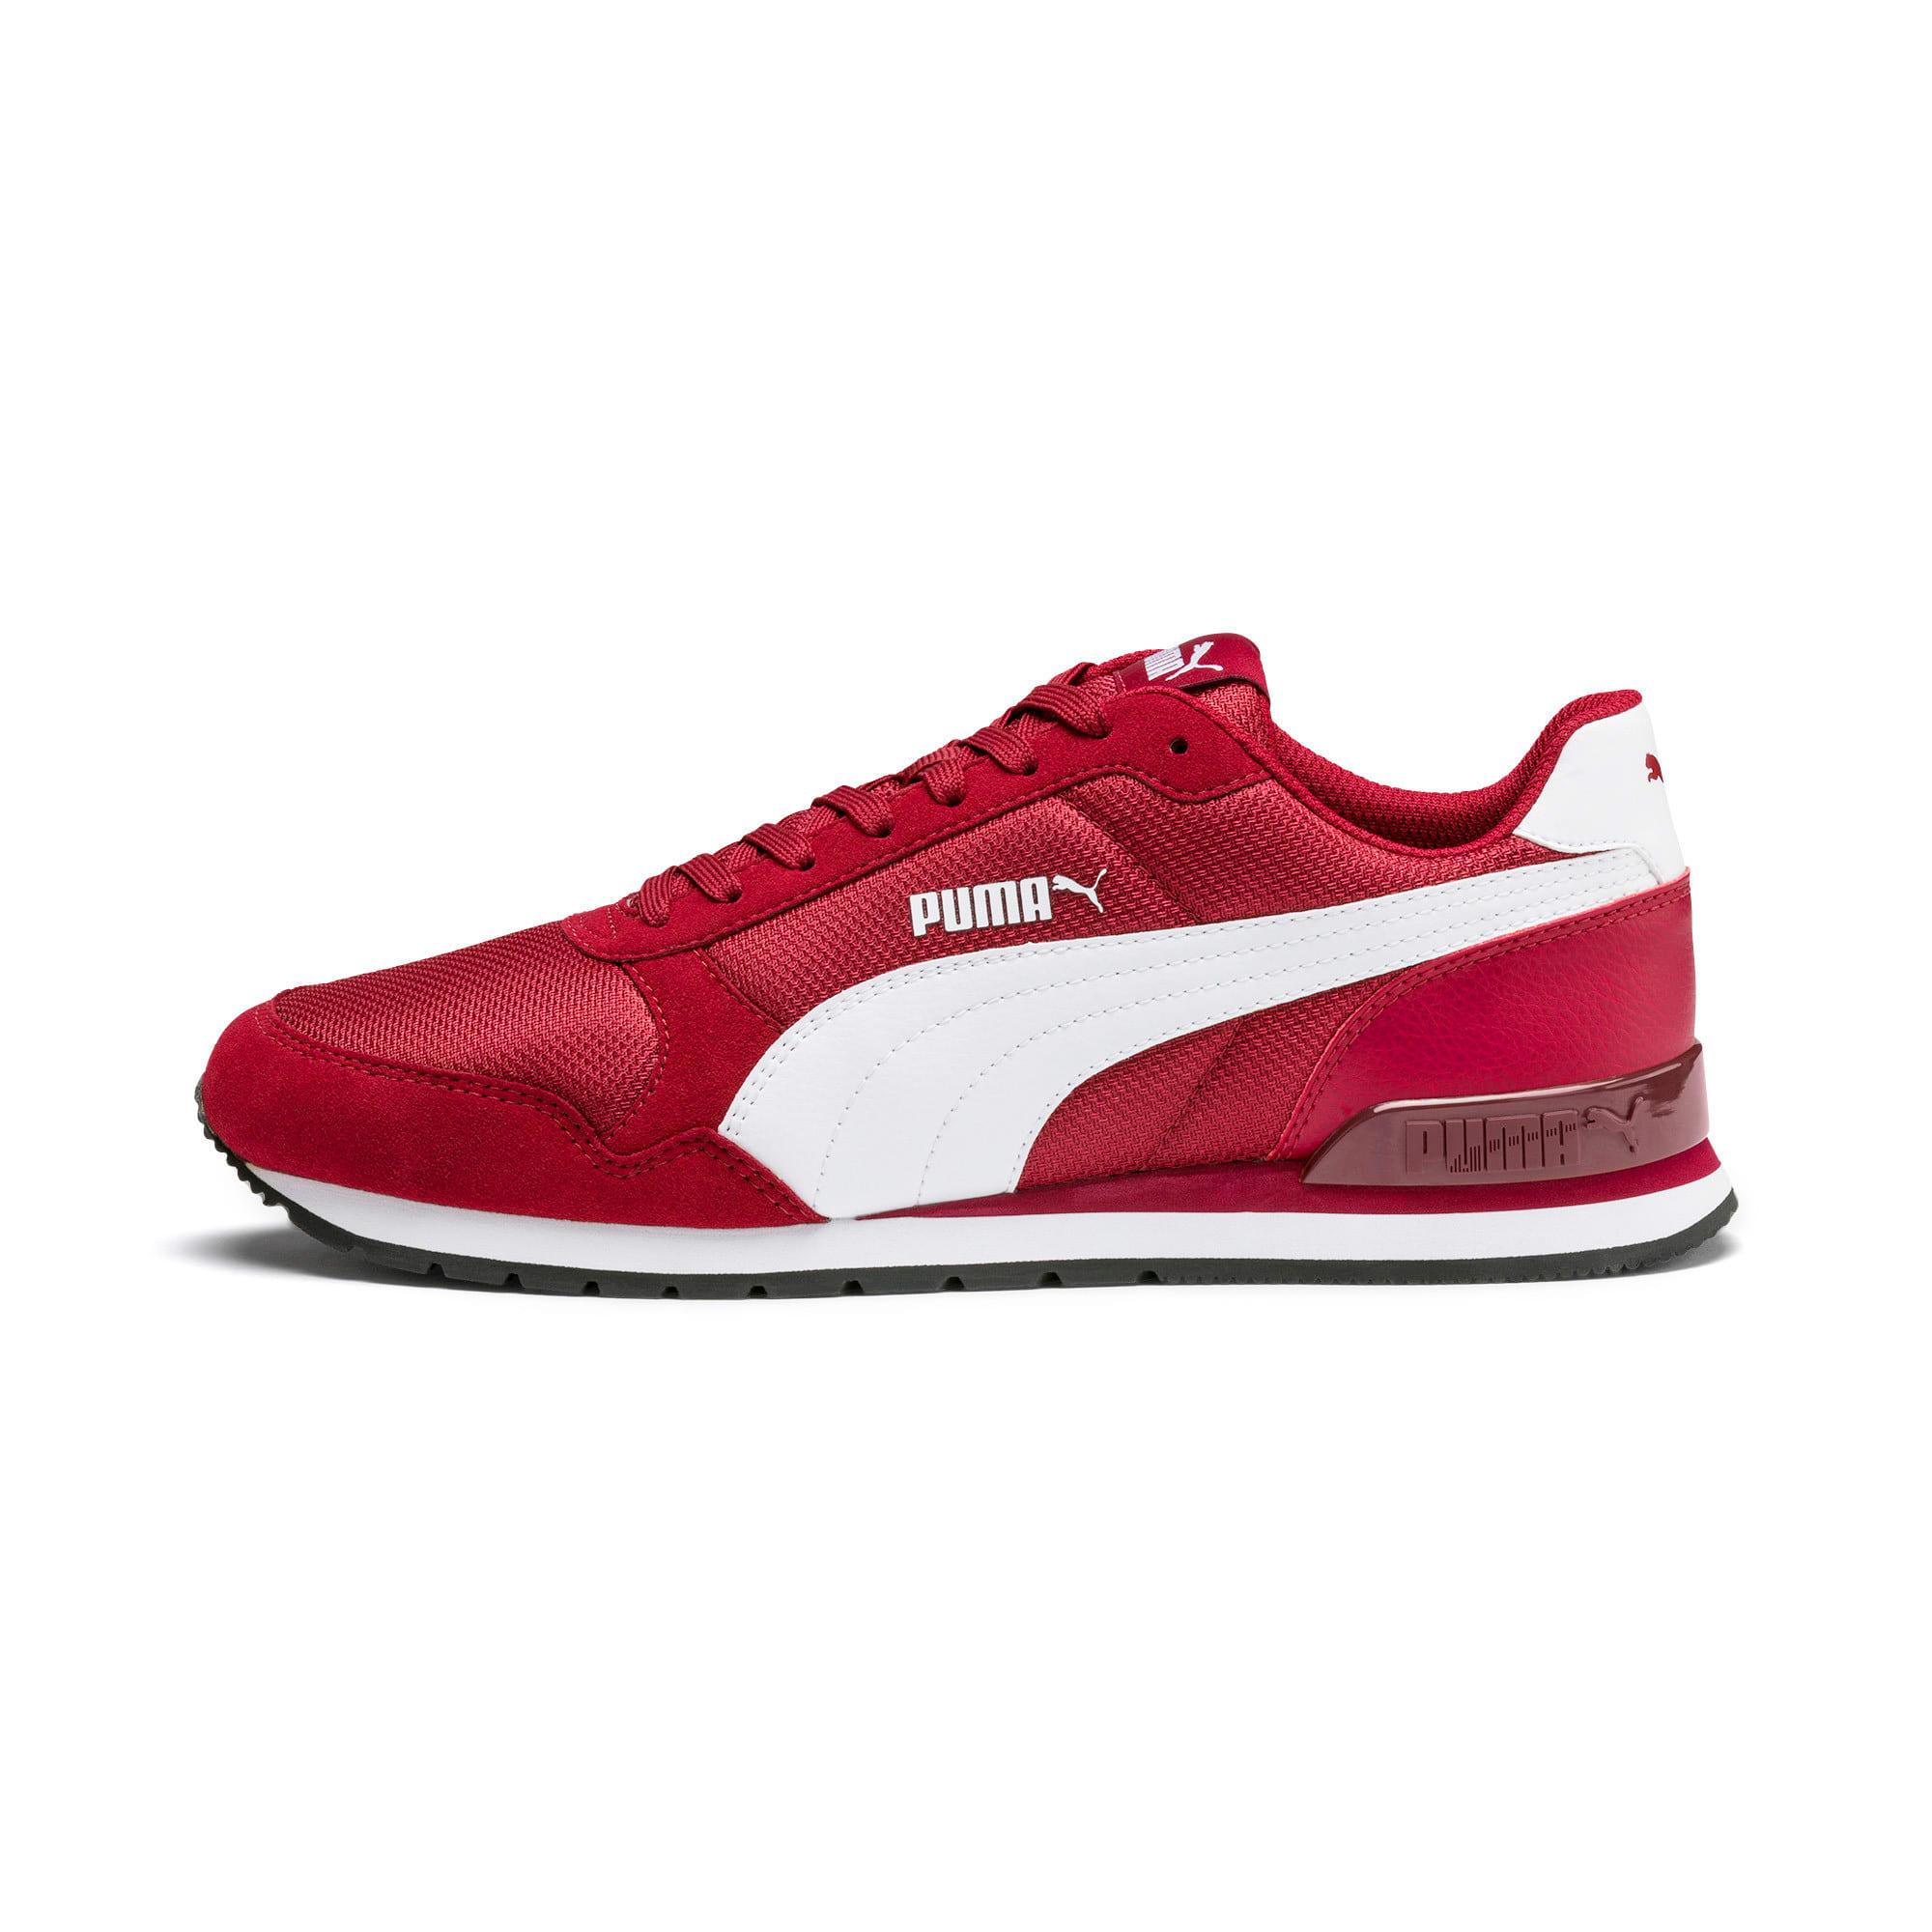 Miniatura 1 de Zapatos deportivos ST Runner v2 Mesh, Rhubarb-Puma White, mediano